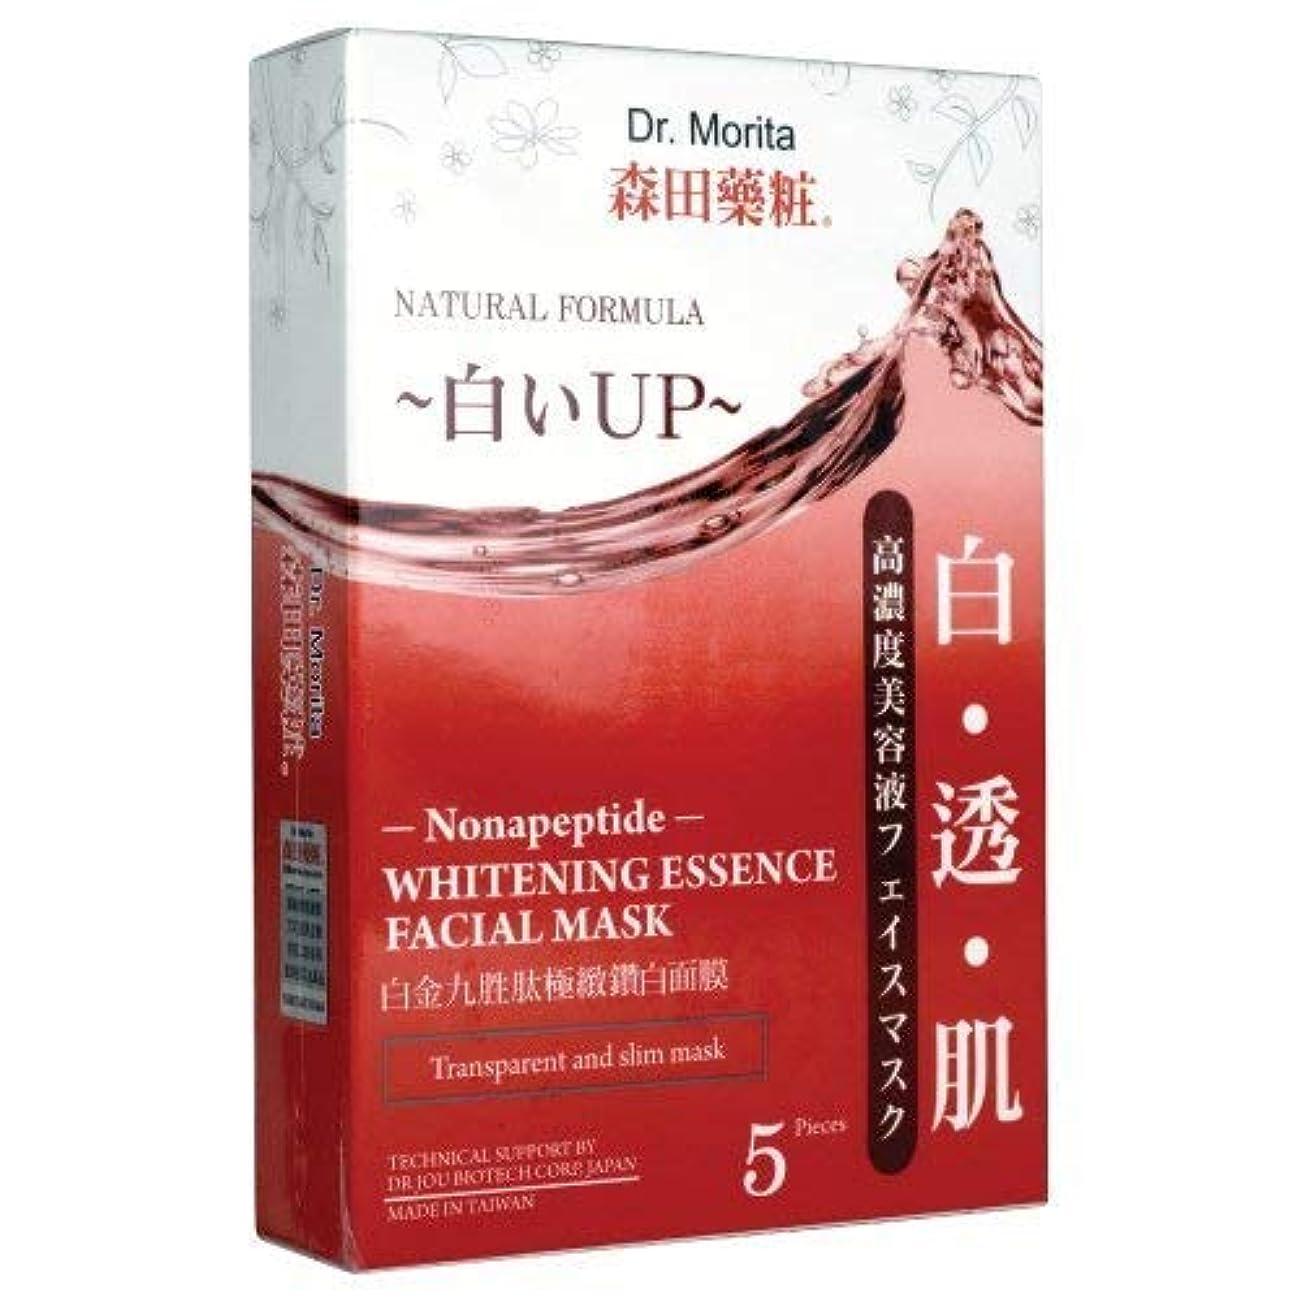 どういたしましてフィールドモーテルDoctor Morita 皮膚はしなやかでしっとりするようにナノペプチドは、マスク5皮膚とのバランス肌の水分レベルをホワイトニング。